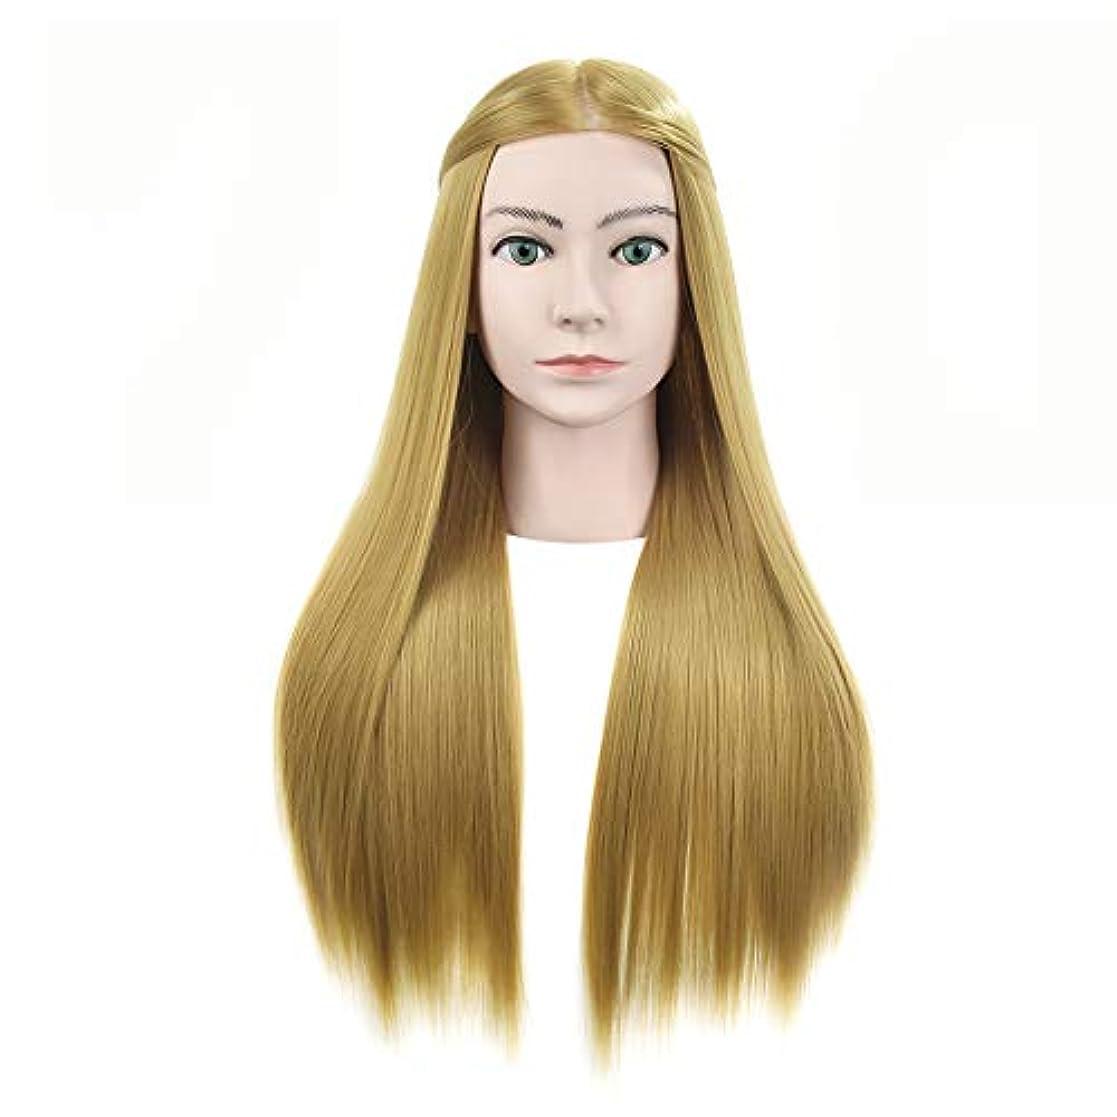 ペンダント礼拝泥沼メイクディスクヘアスタイリング編み教育ダミーヘッドサロンエクササイズヘッド金型理髪ヘアカットトレーニングかつら